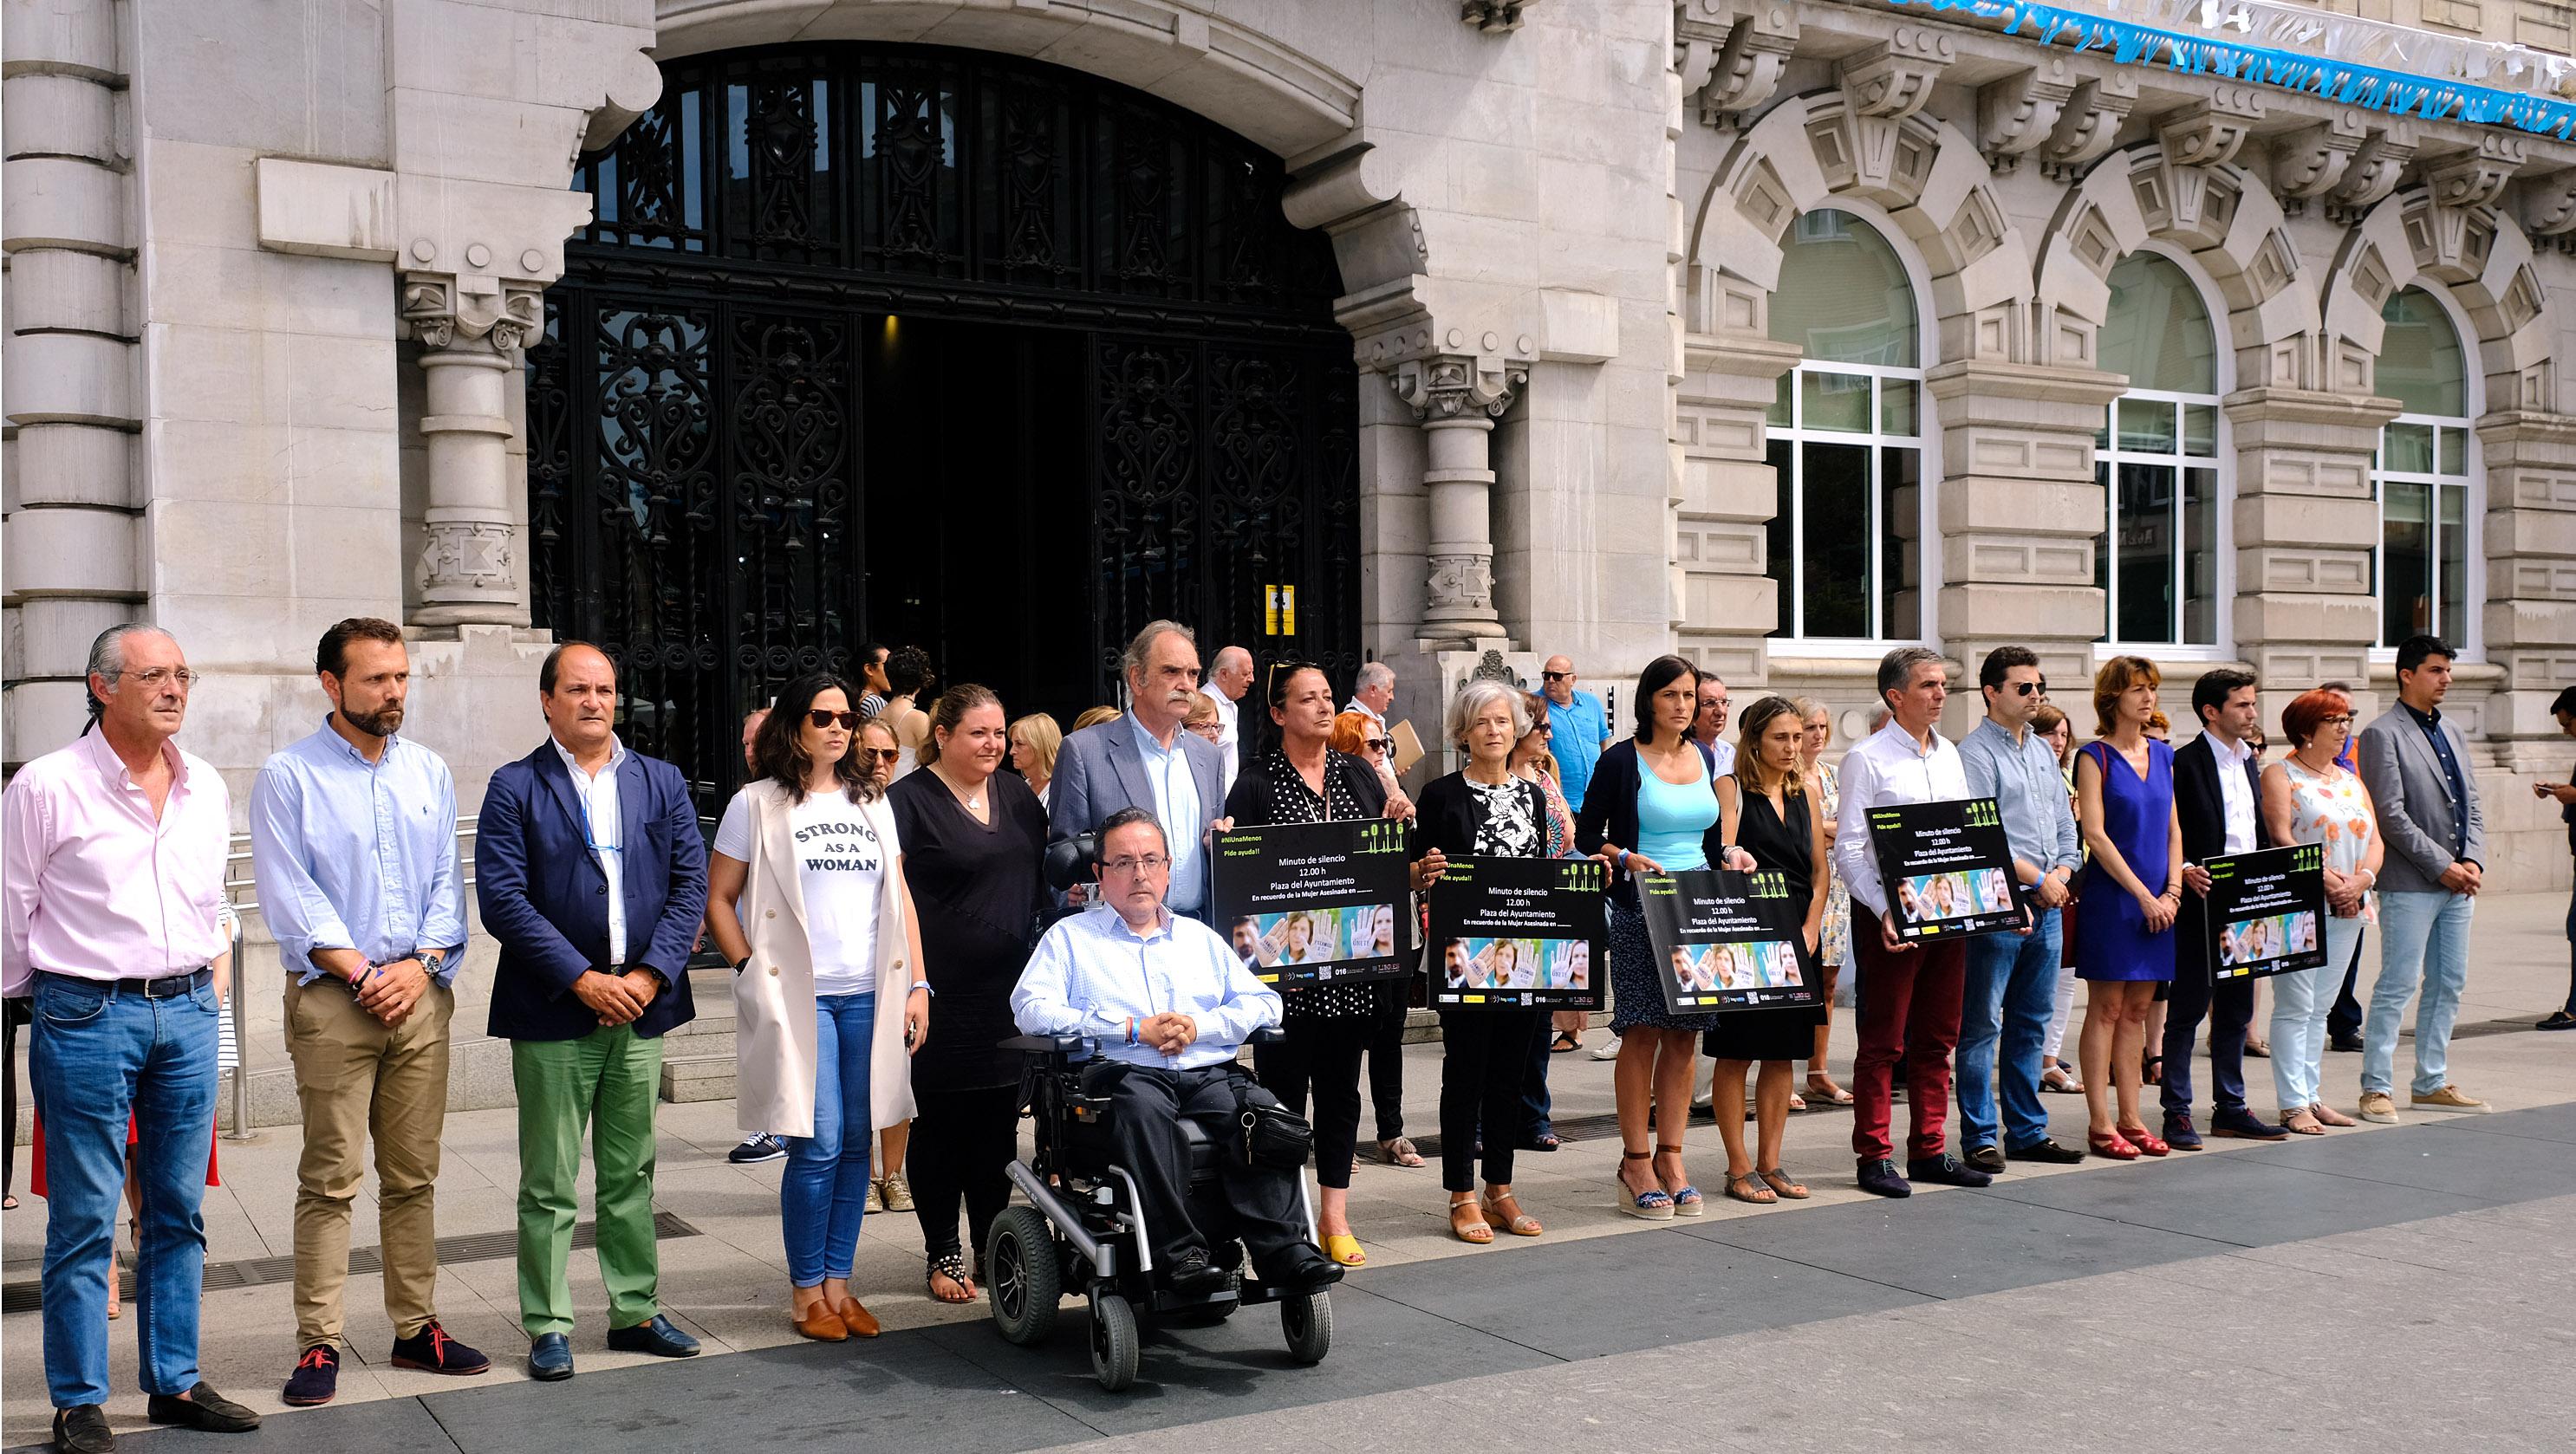 Santander recuerda a la mujer asesinada en valencia y for Santander oficinas valencia